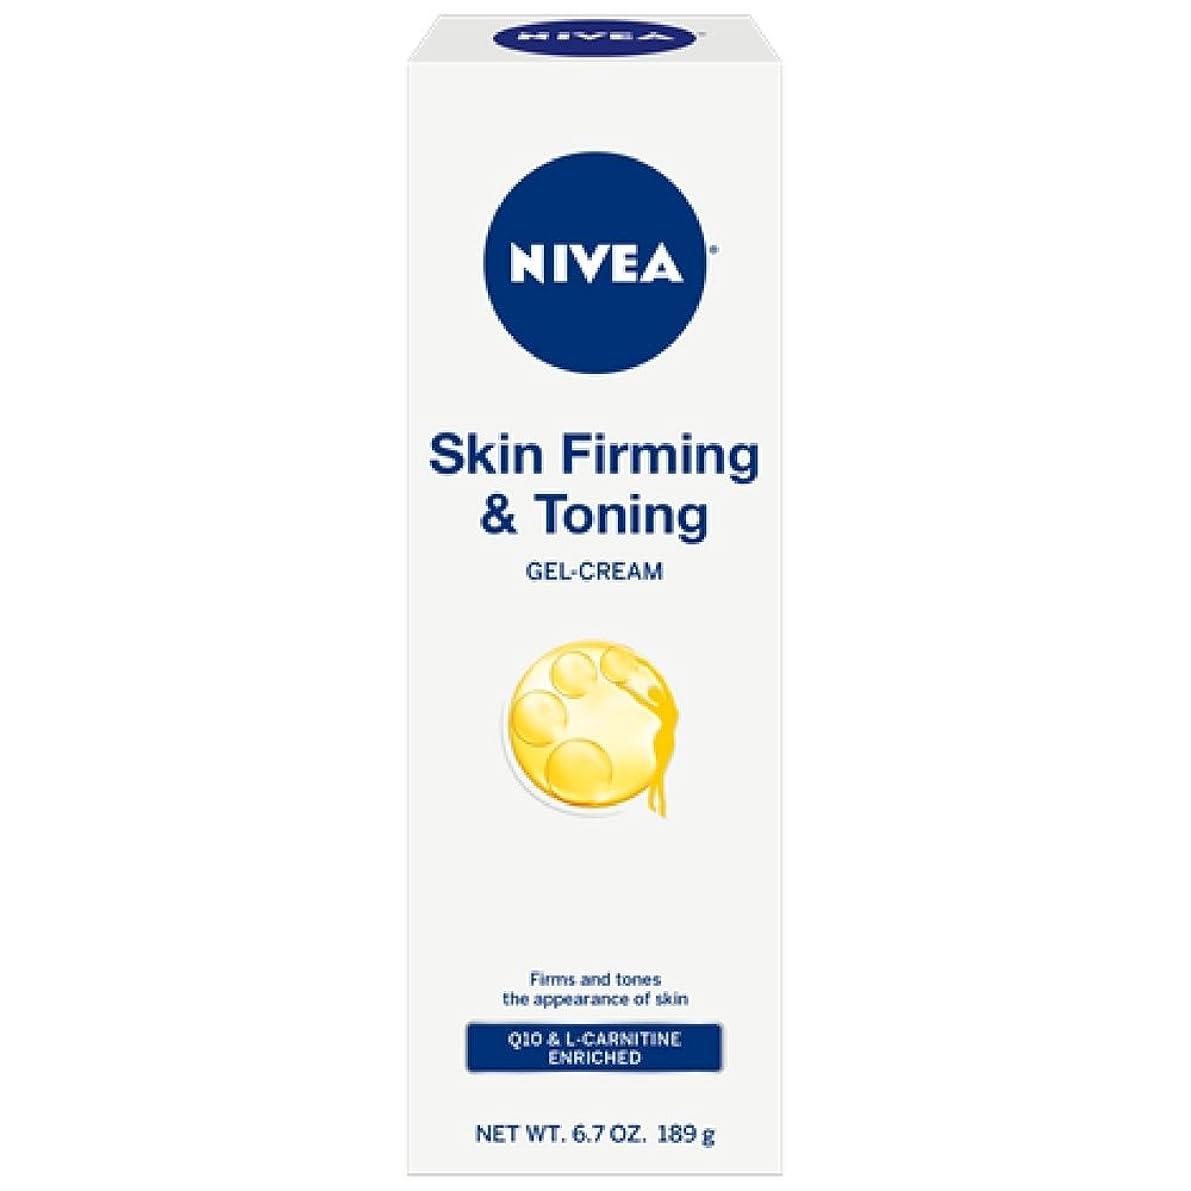 直立塗抹判読できないNivea Good-Bye Cellulite Gel-Cream 200 ml (並行輸入品)